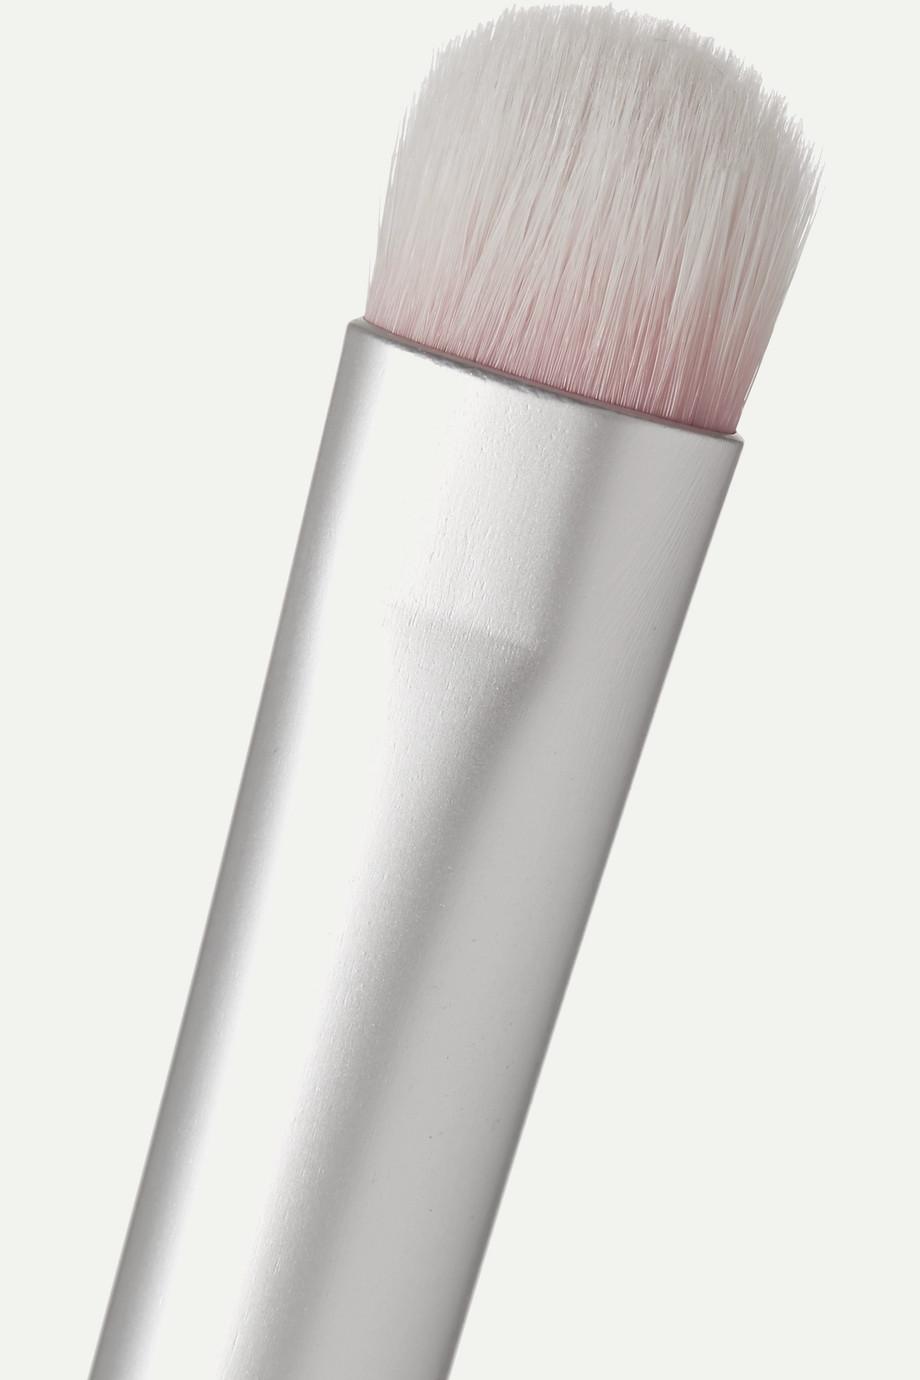 RMS Beauty Pinceau ombre à paupières poudre